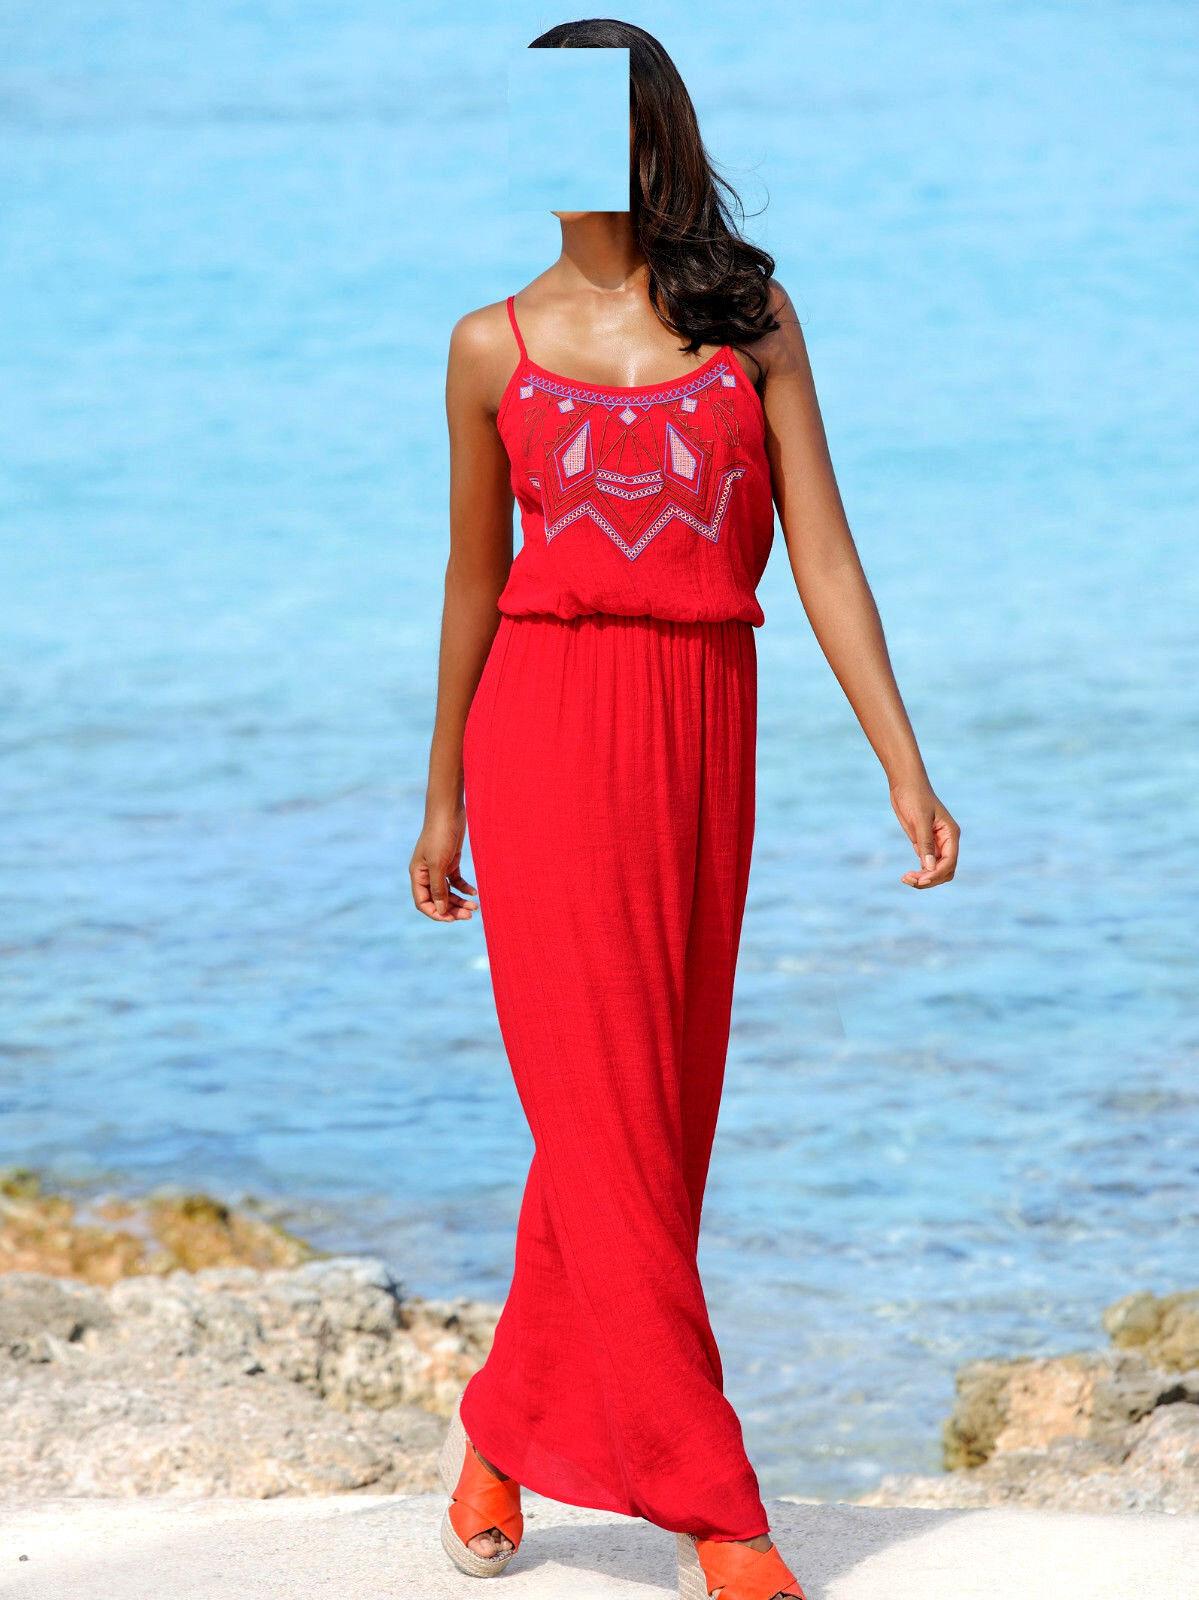 Marken langes Kleid rot Gr. 46 0518685907